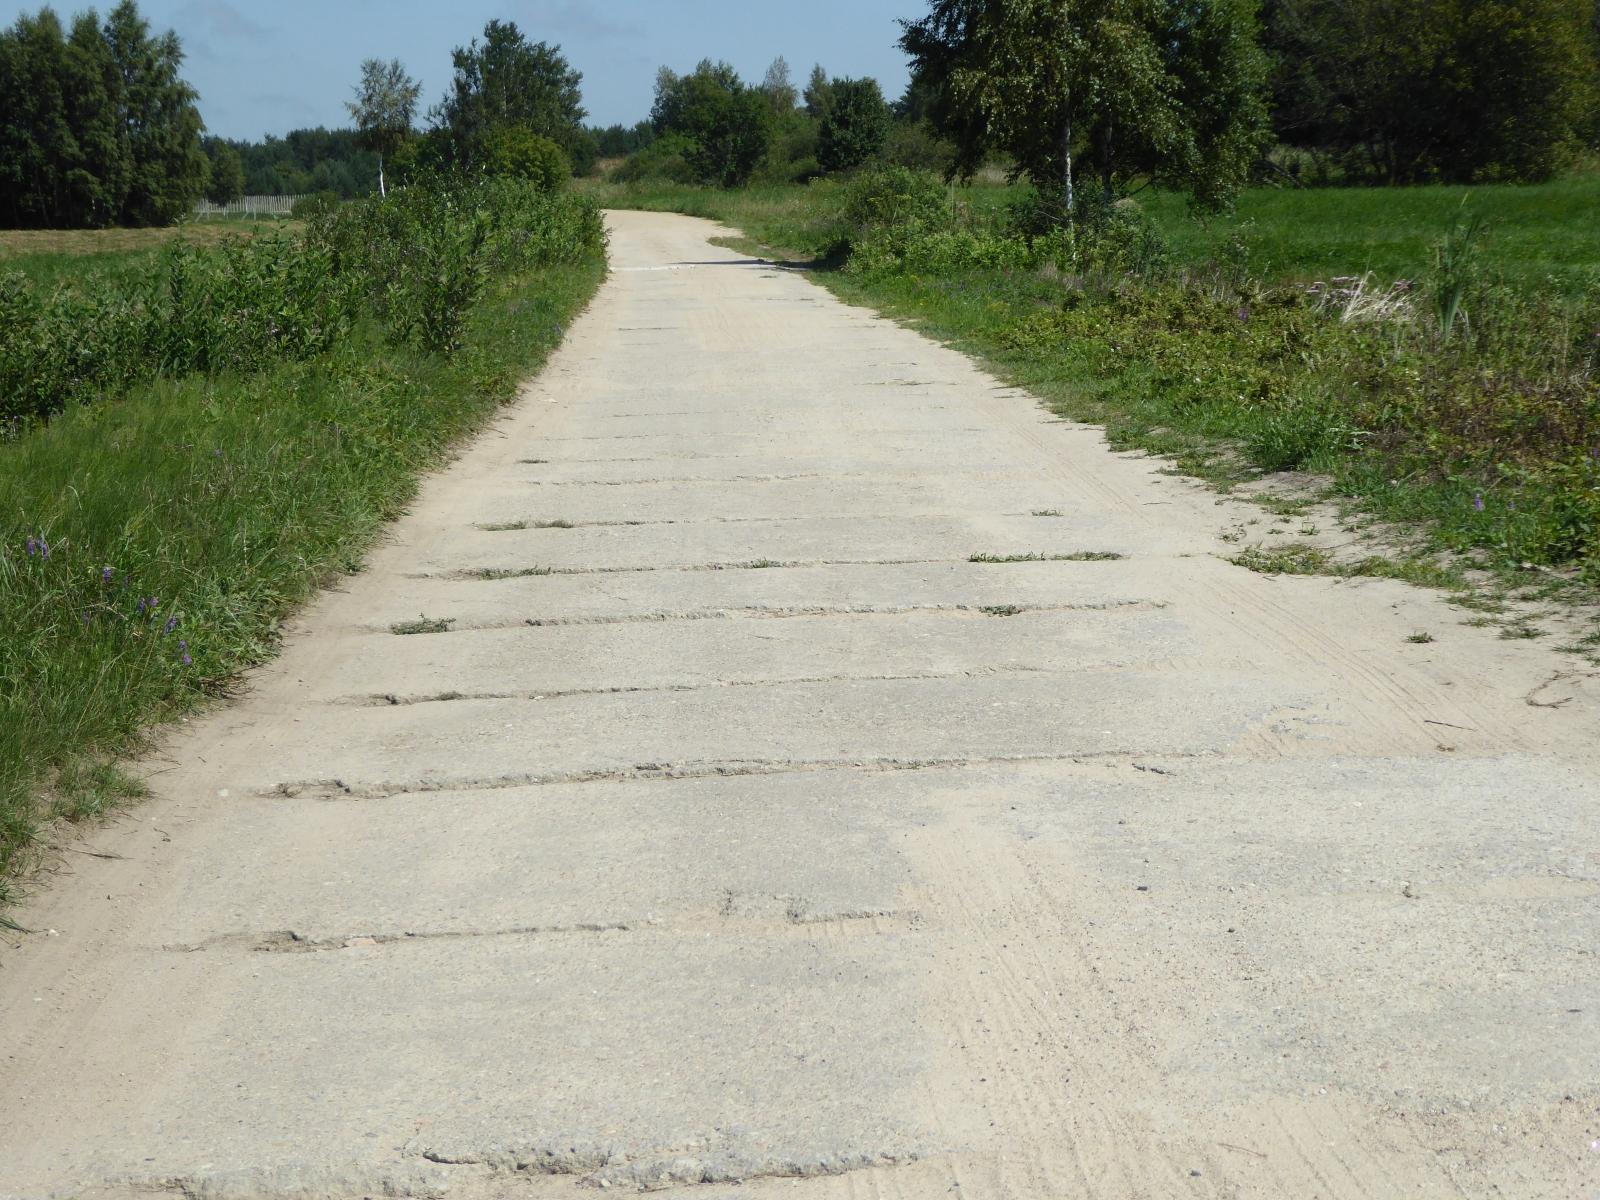 Hier noch einmal eine andere Variante von Betonplatten auf Radfahrwegen. Die Rhythmus gebende nächste Platte lag 3 m entfernt.